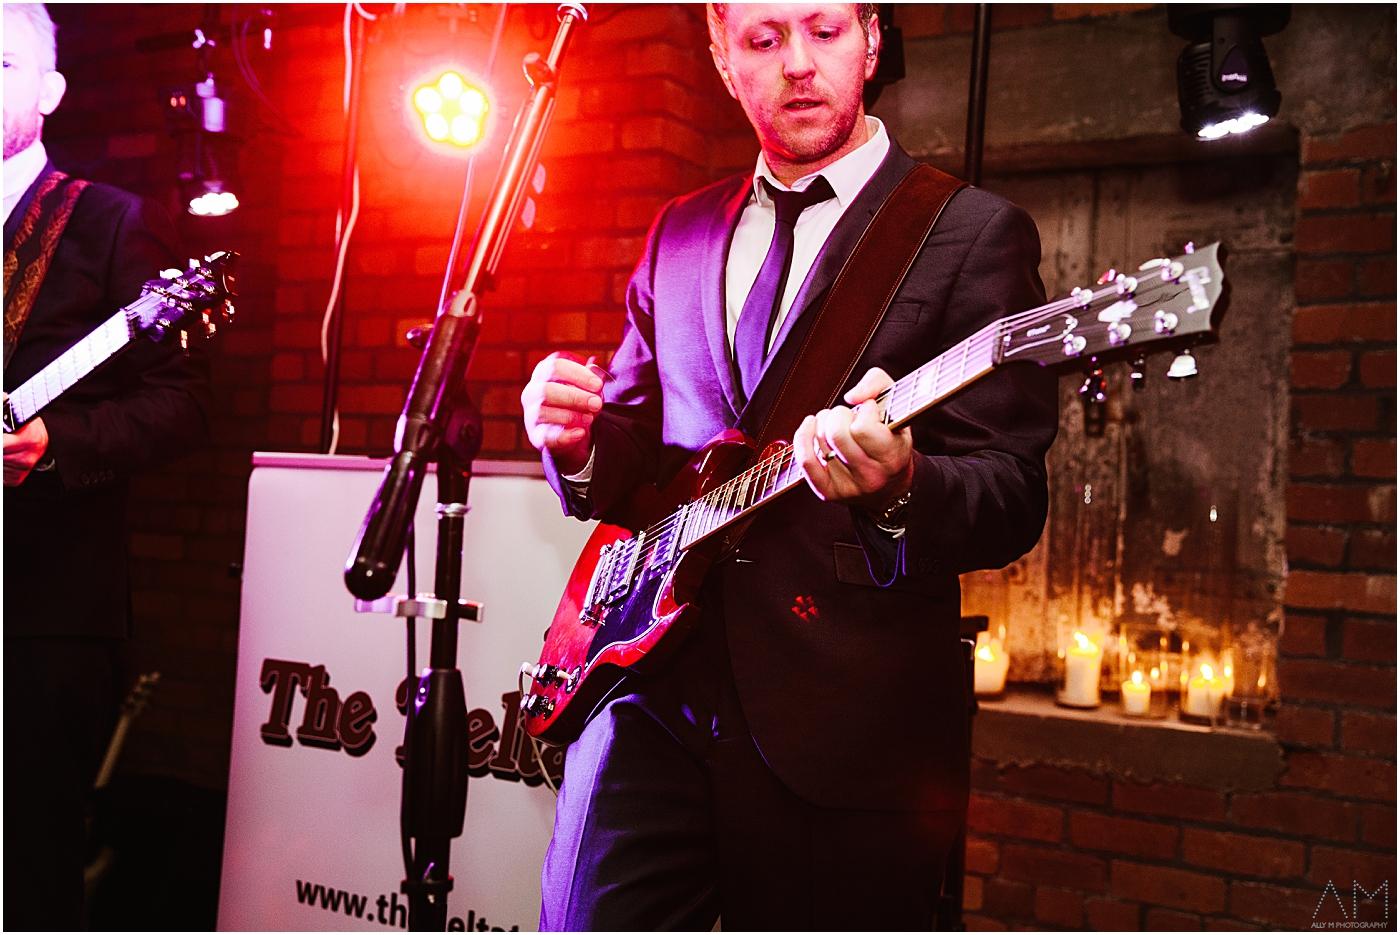 wedding band playing guitar